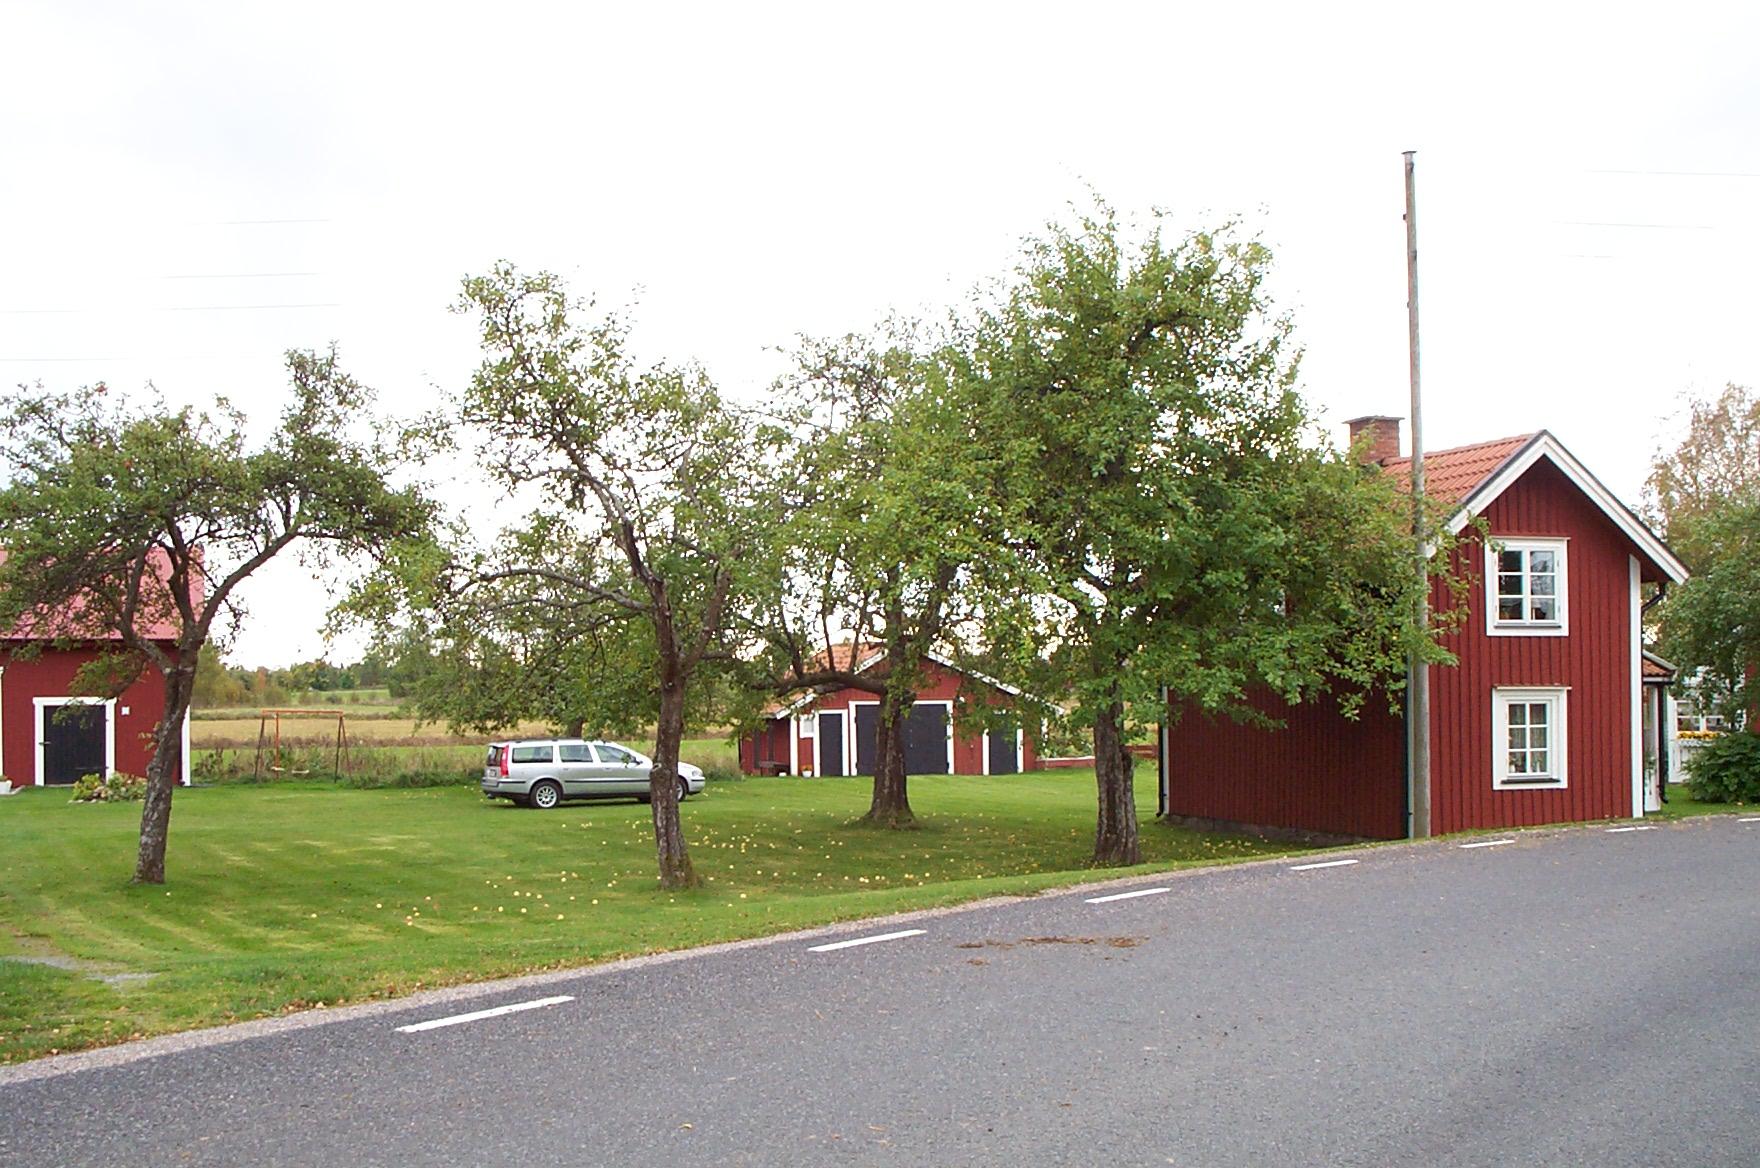 Casas suecas de color rojo